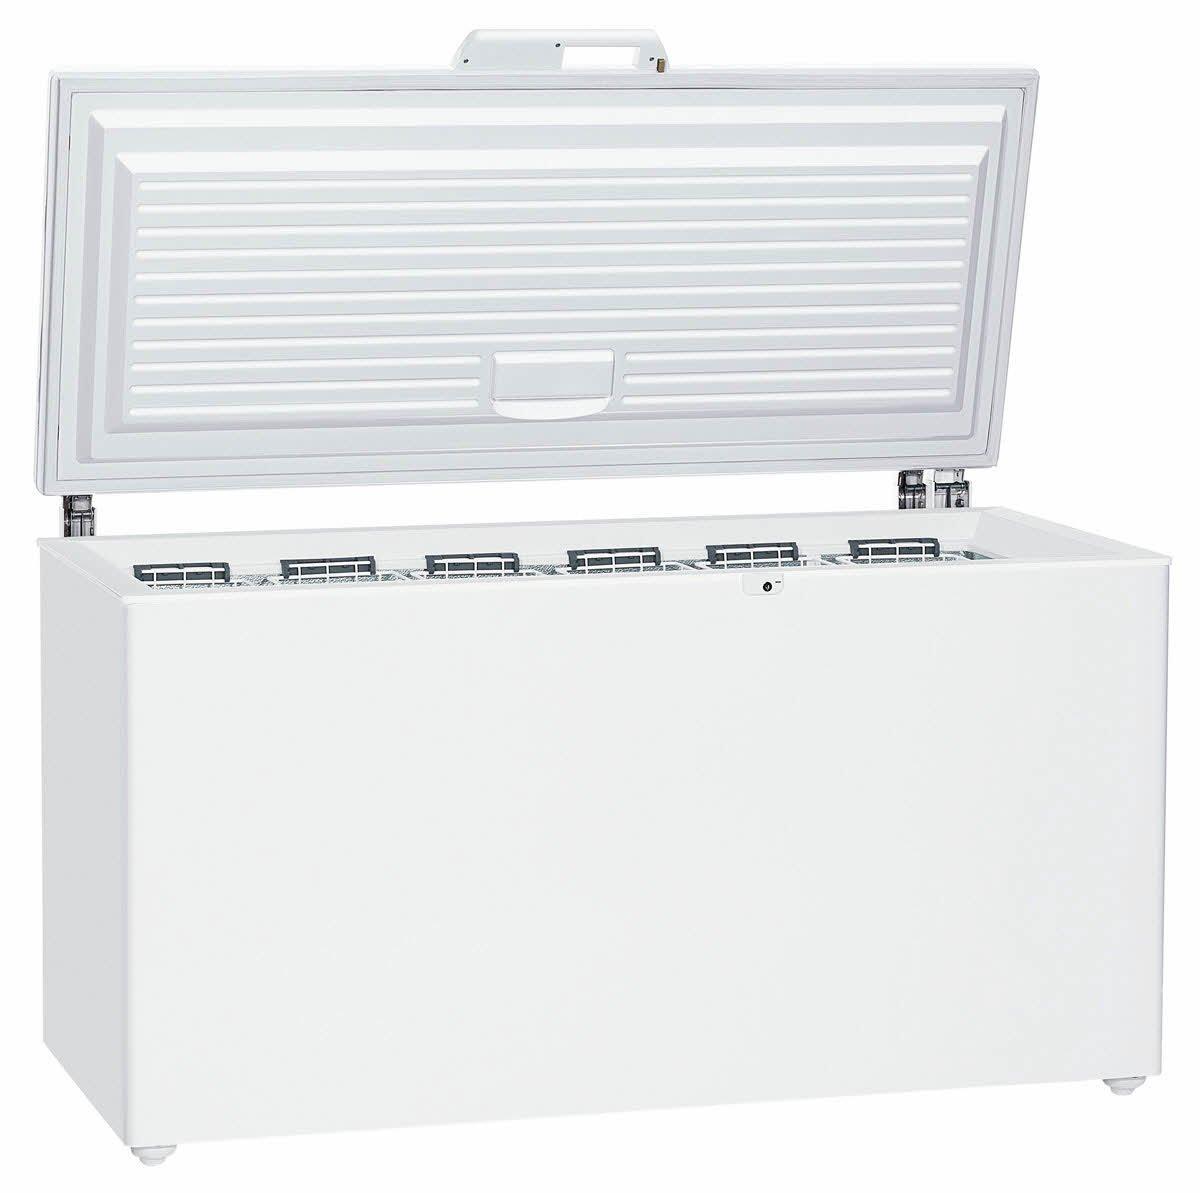 Liebherr GTP 4656 Premium - Congelador Horizontal Gtp4656 Con Capacidad De 419 Litros